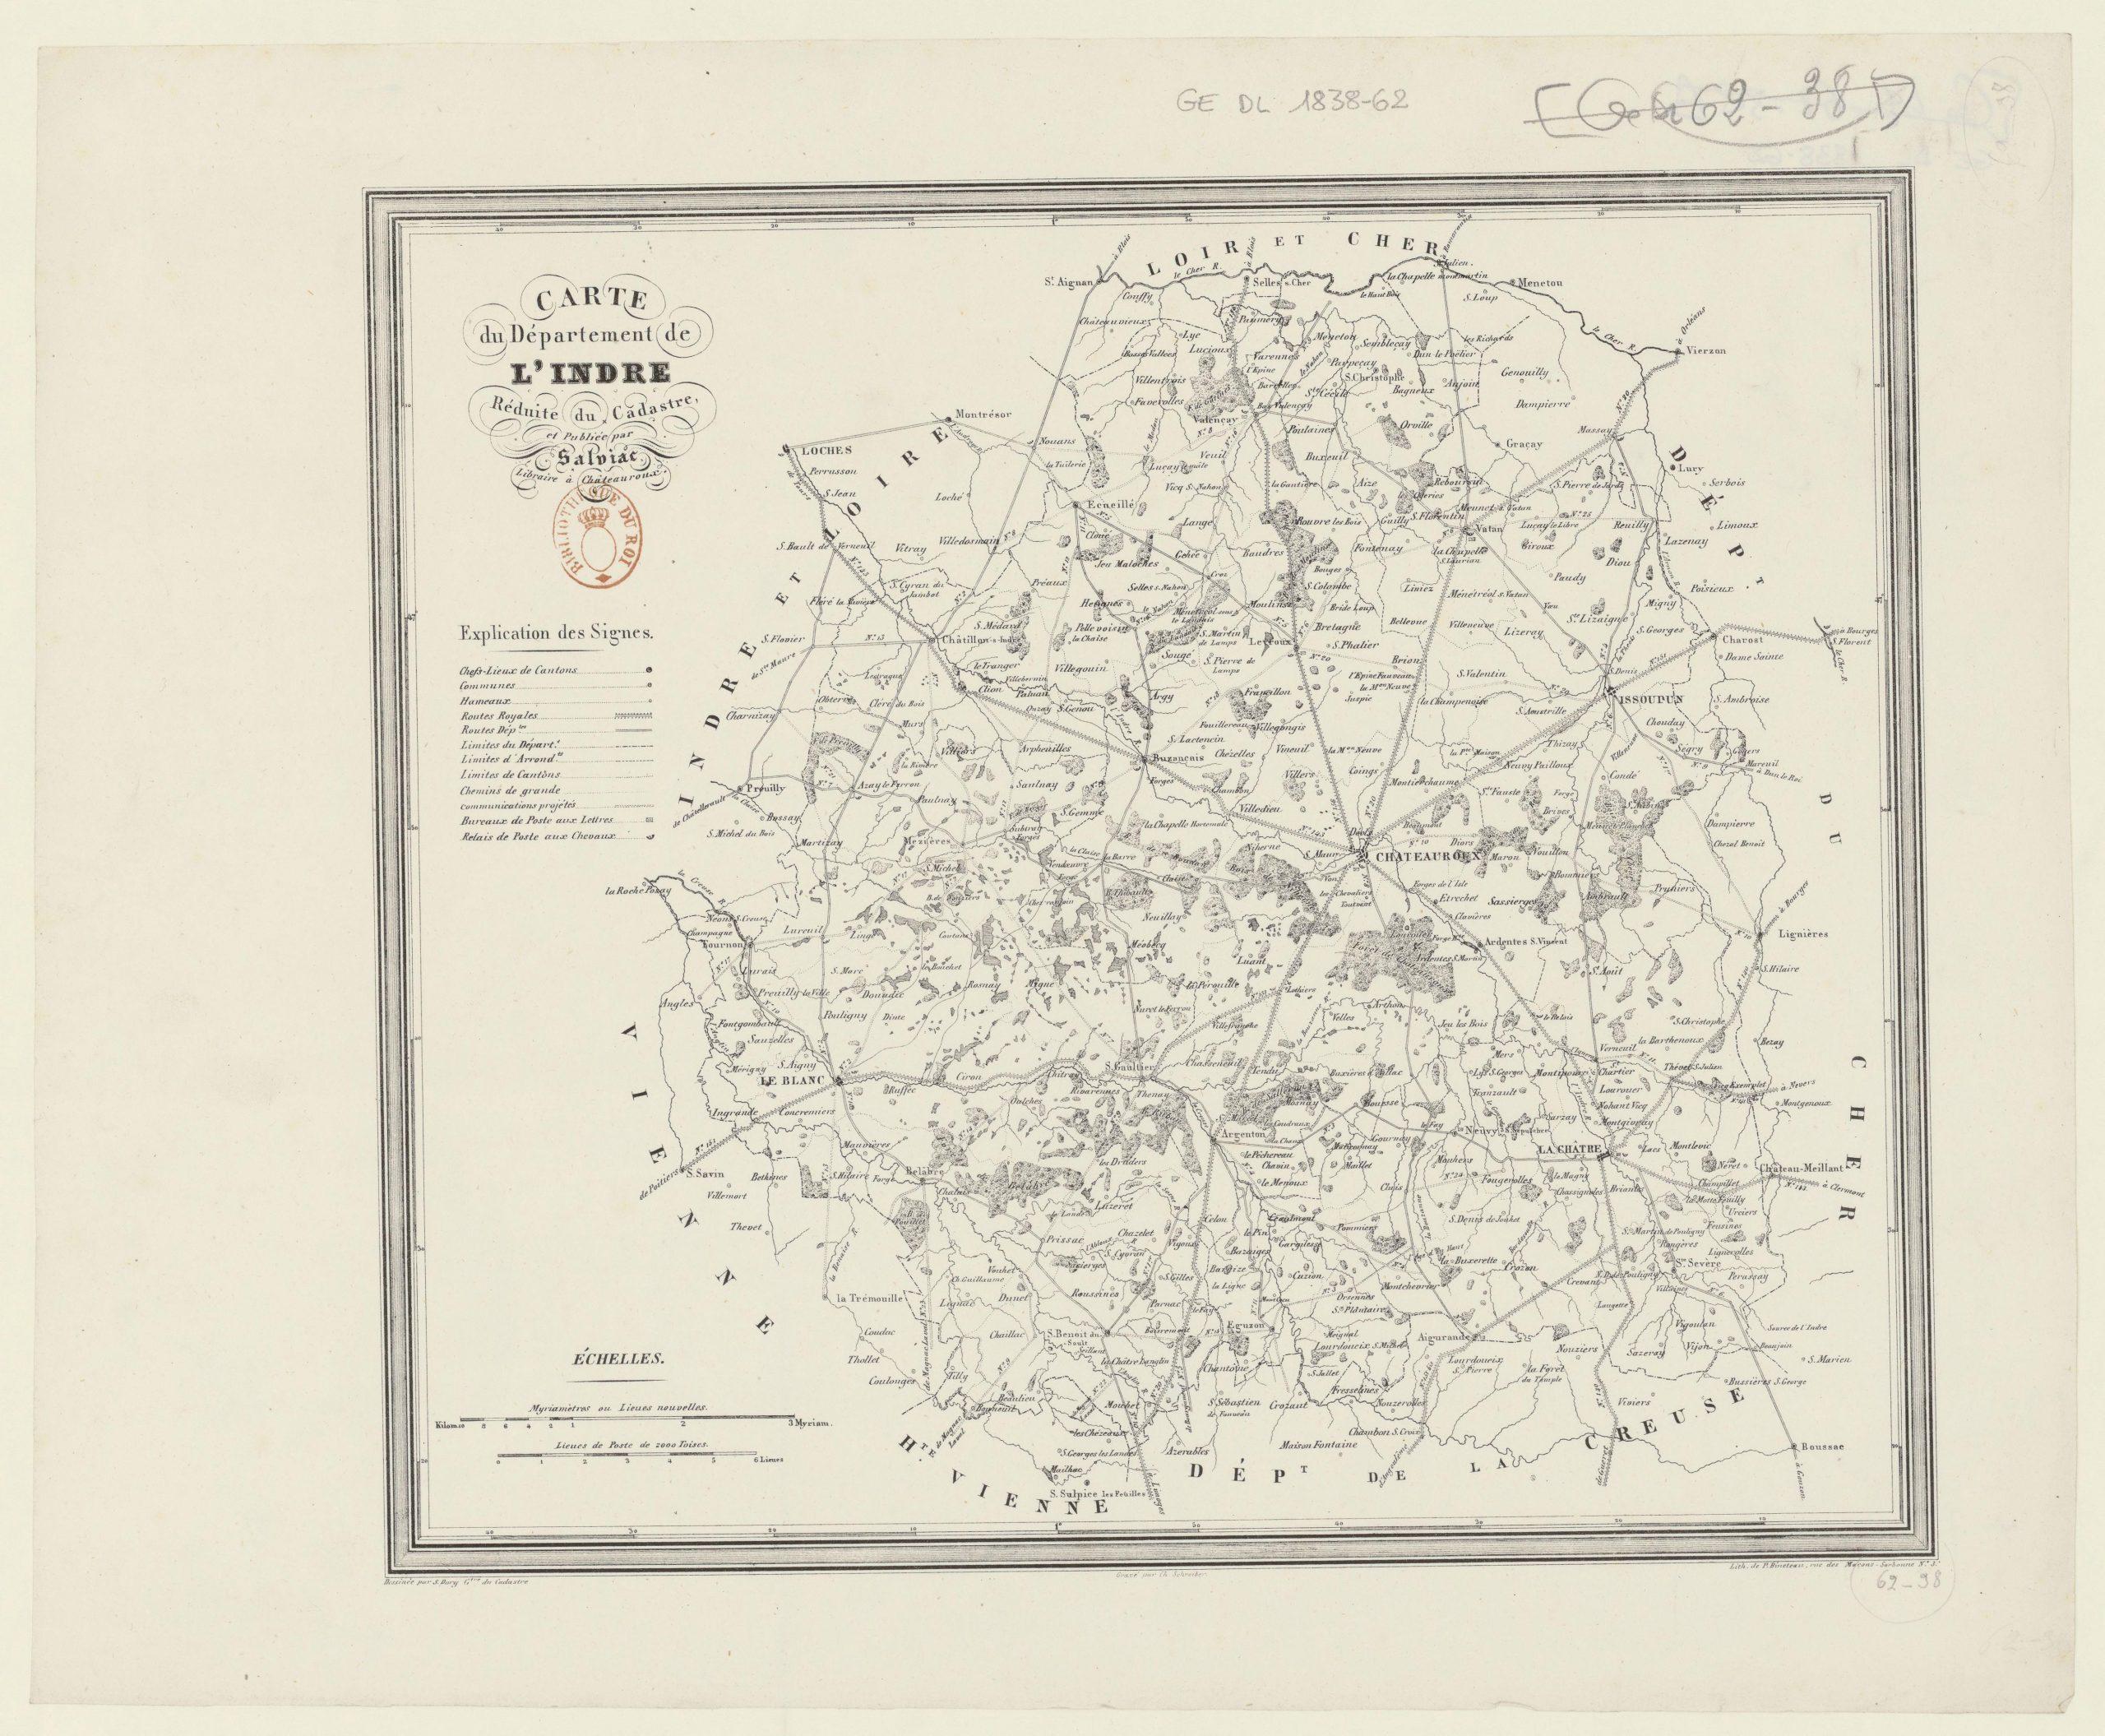 Fichier:carte Du Département De L'indre - 1838 — Wikipédia encequiconcerne Département 09 Carte